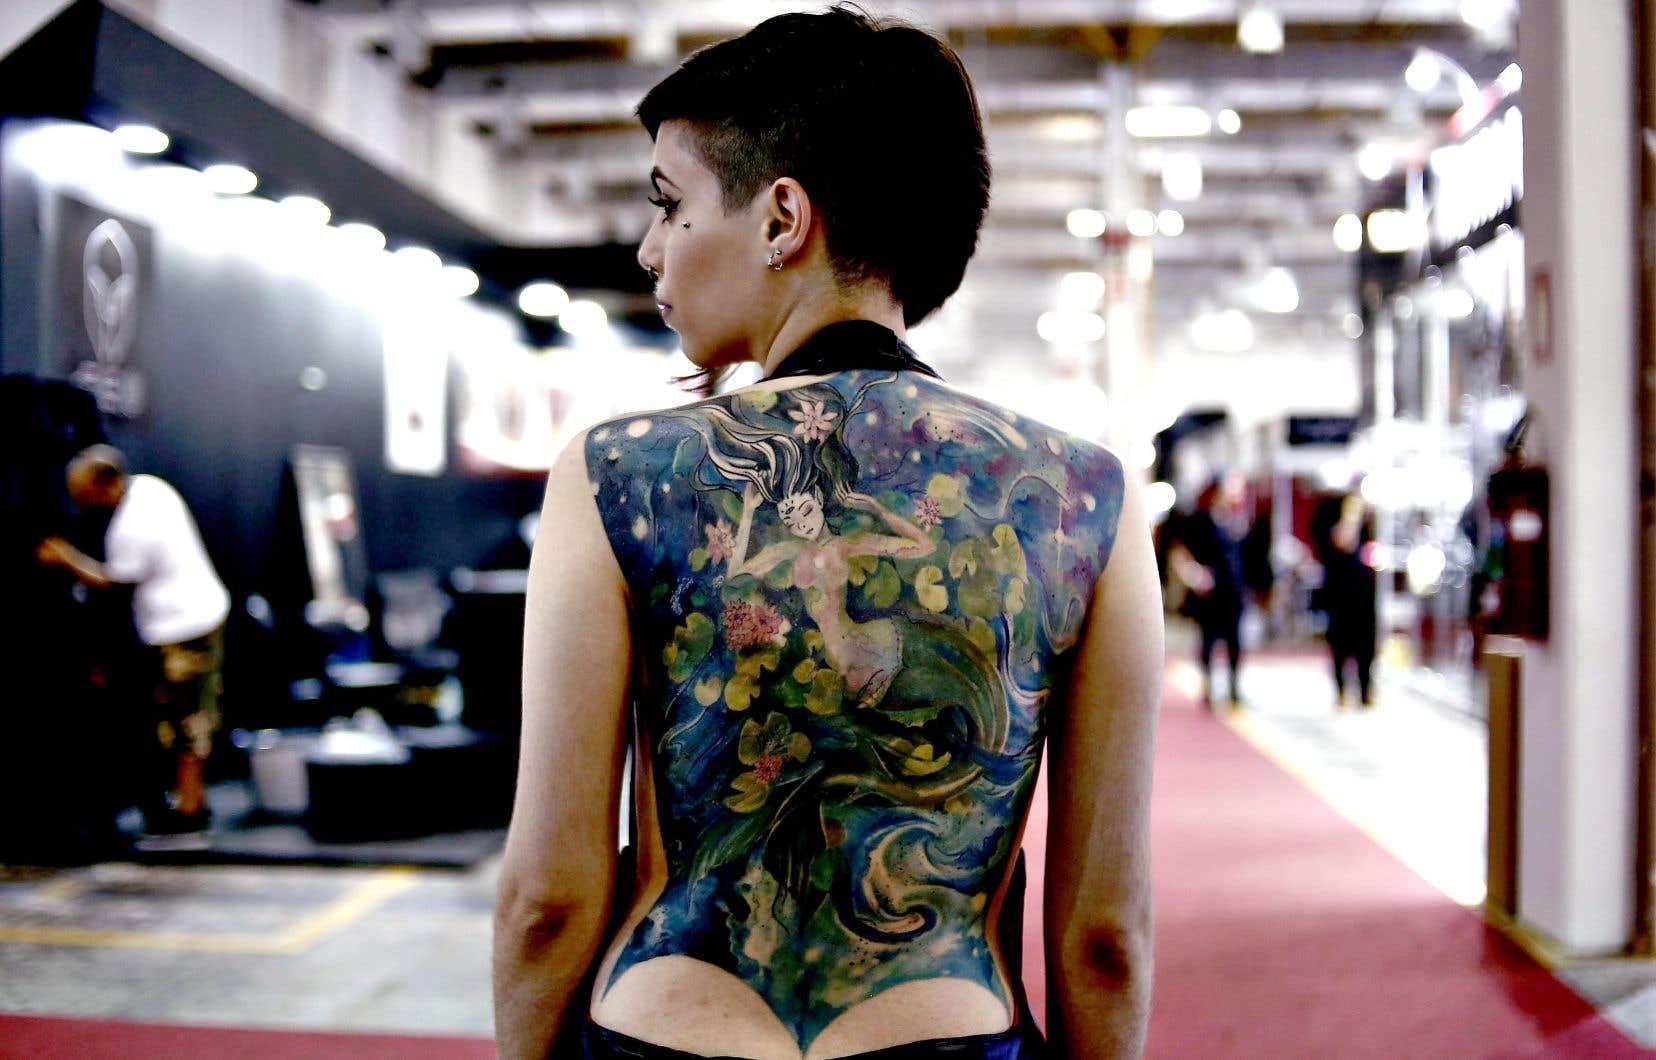 Il n'y a rien de surprenant à ce que les photos de corps, d'athlètes, de mannequins ou de tatoués prennent une place importante sur Instagram, qui réunit 800millions d'utilisateurs partageant chaque jour 100millions de photos et 4milliards de mentions «J'aime».